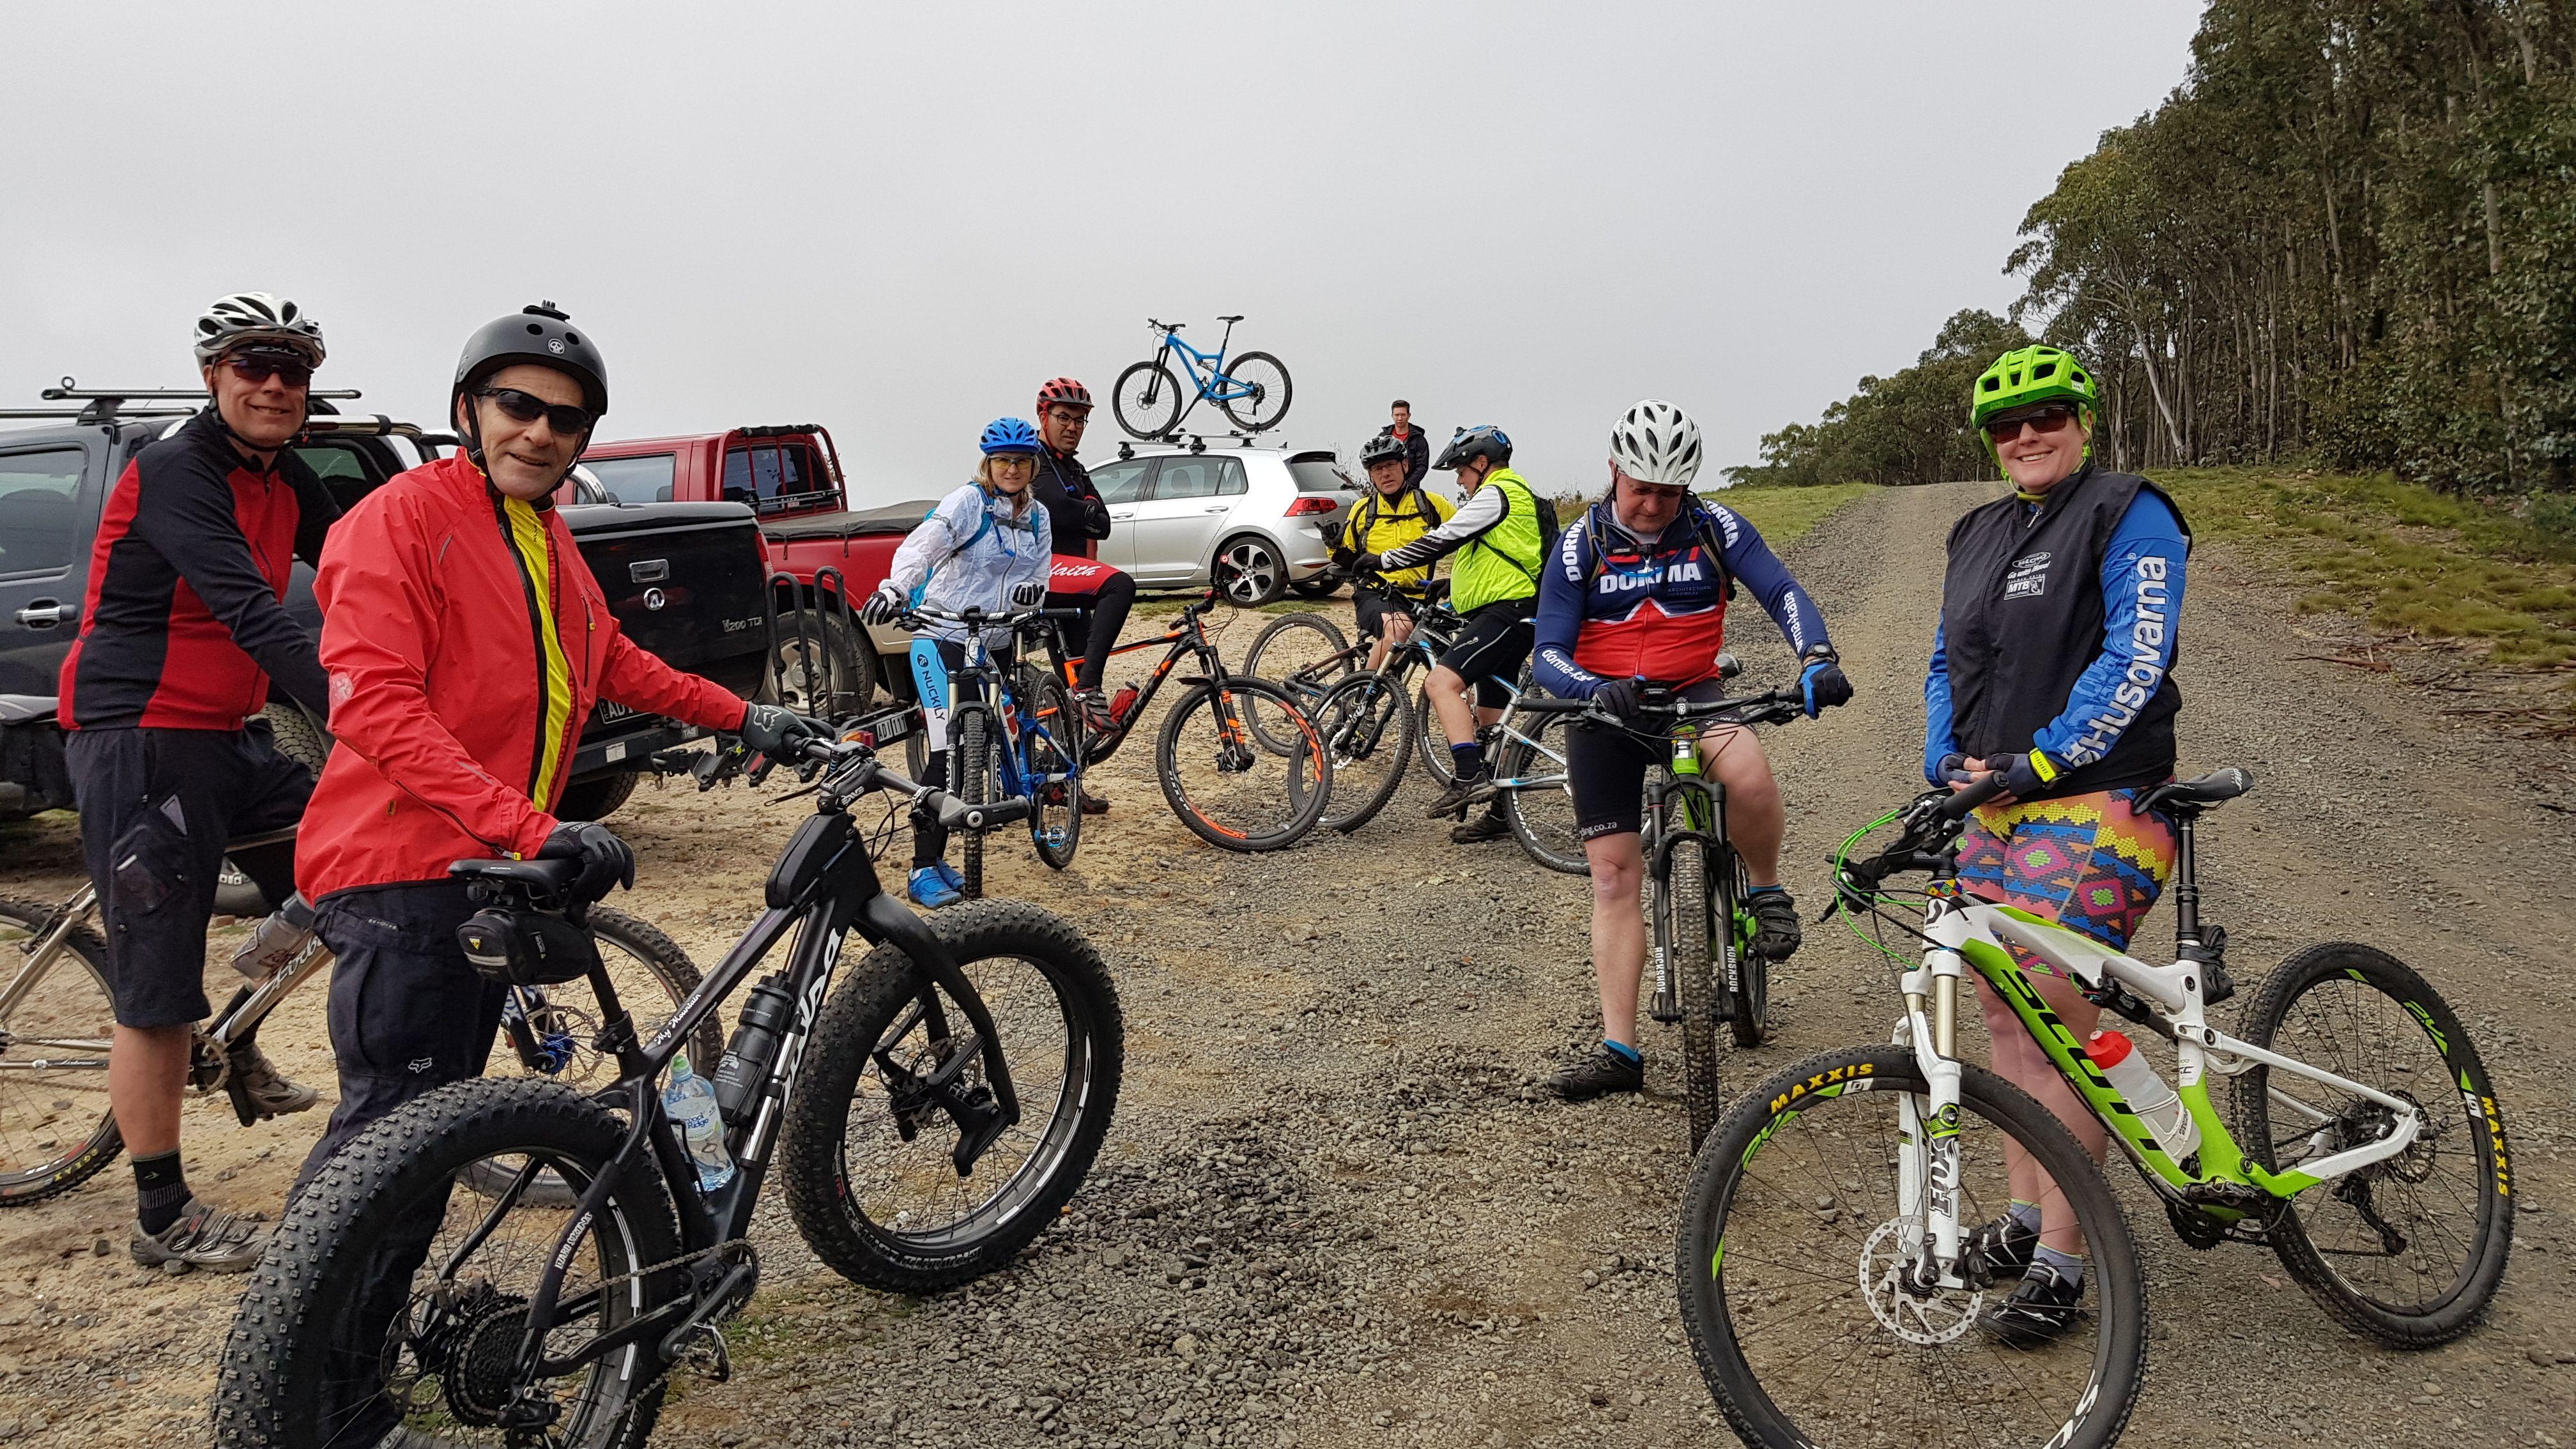 Melbourne Mountain Biking